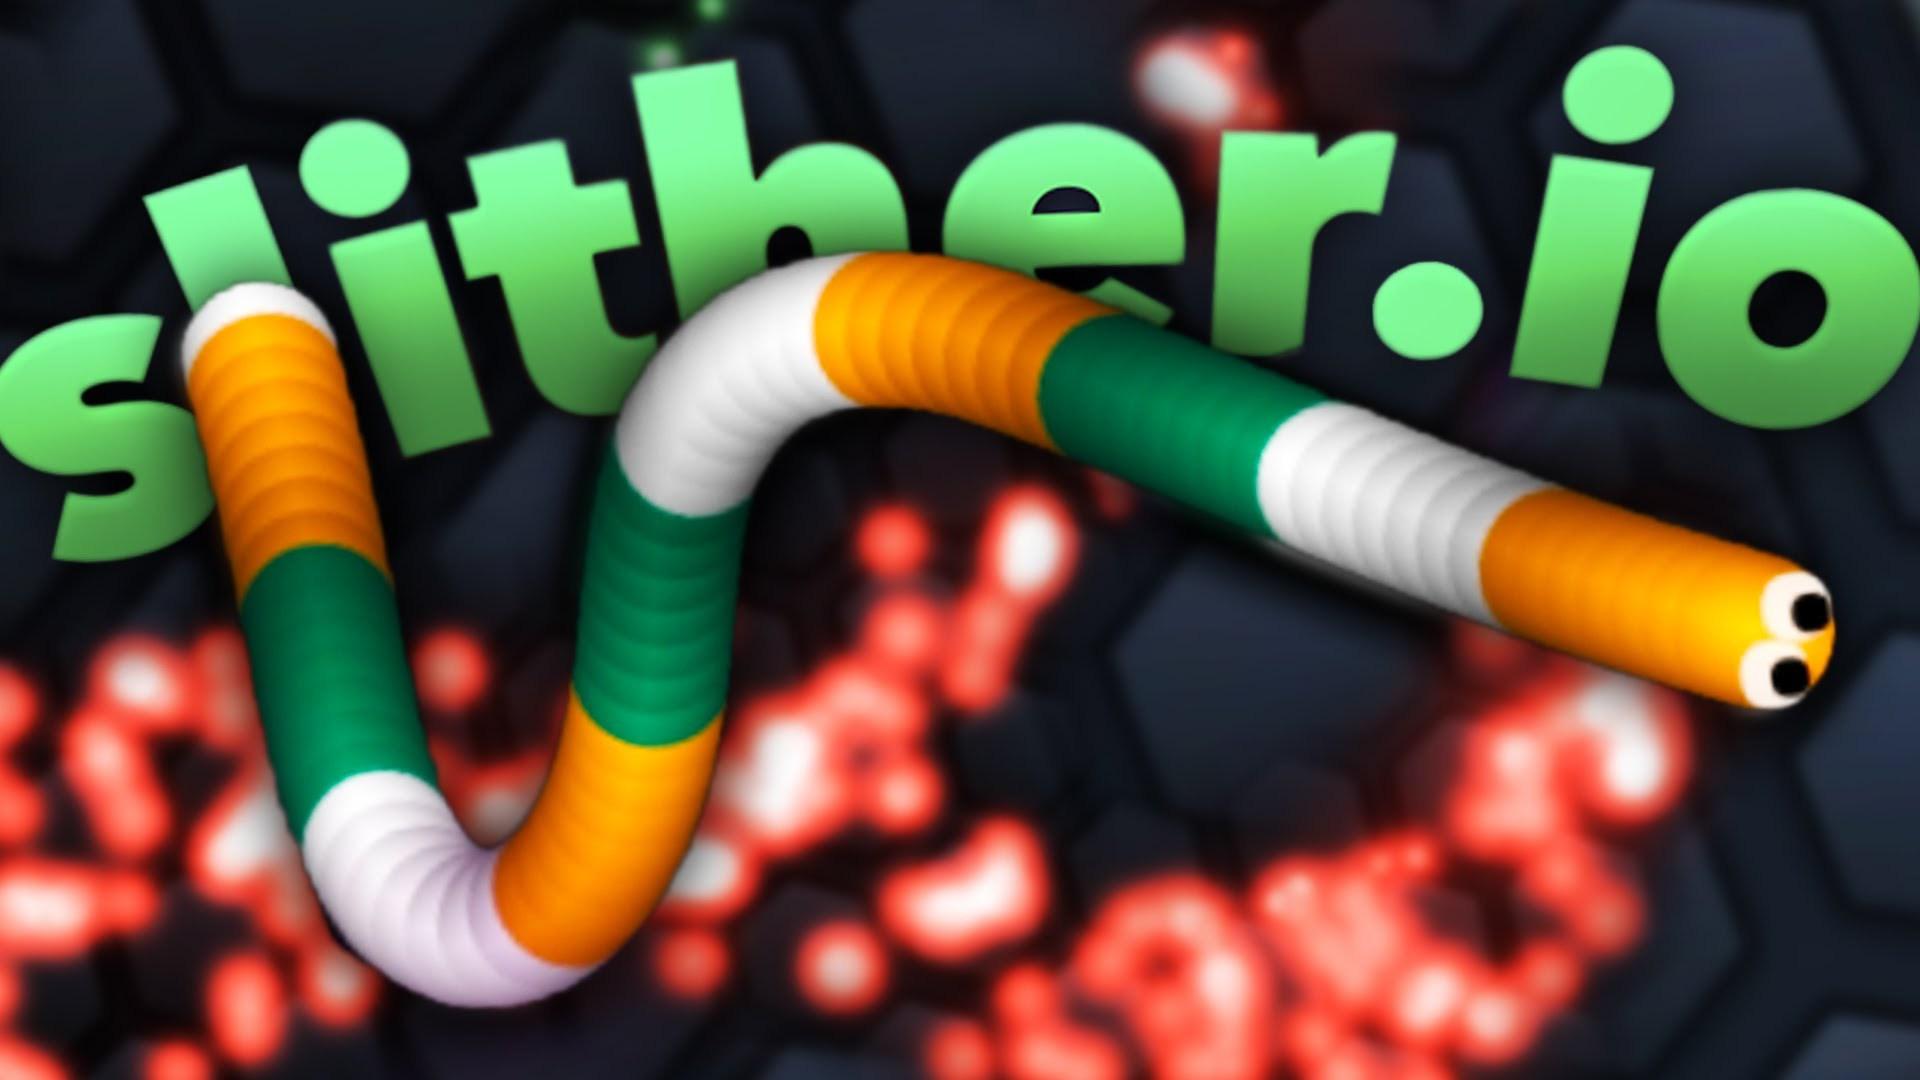 Slither I0